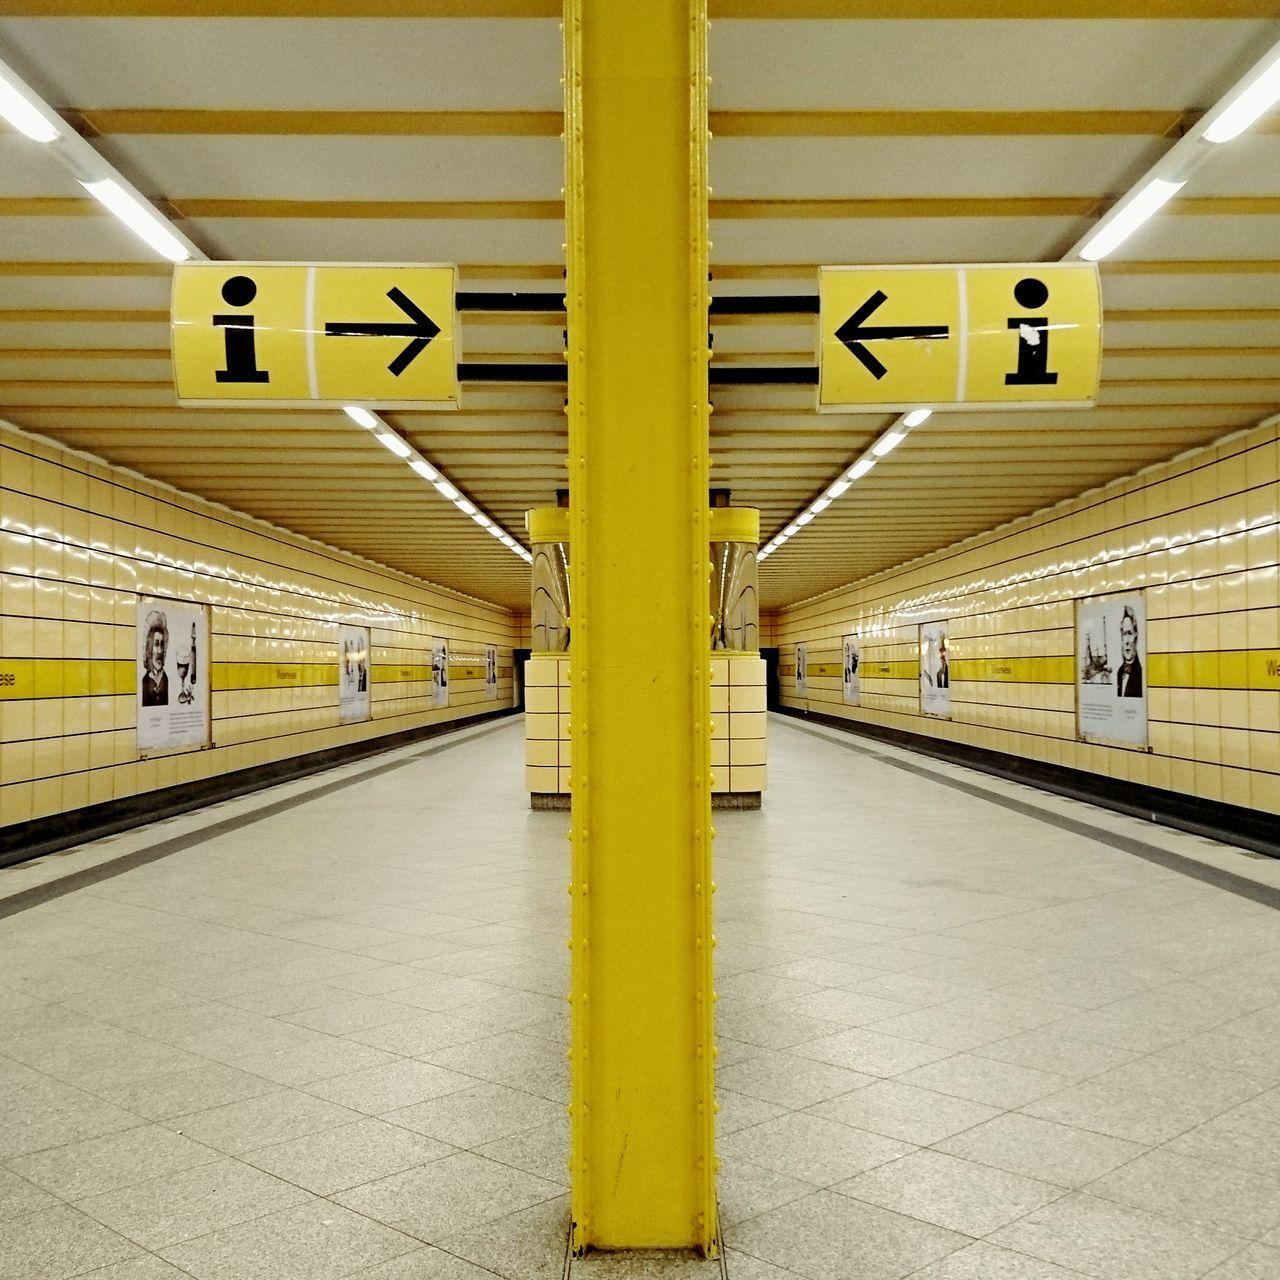 Yellow Indoors  Subway Station Architecture Built Structure Illuminated Subway Train Symmetry Symmetrical Underground Underground Station